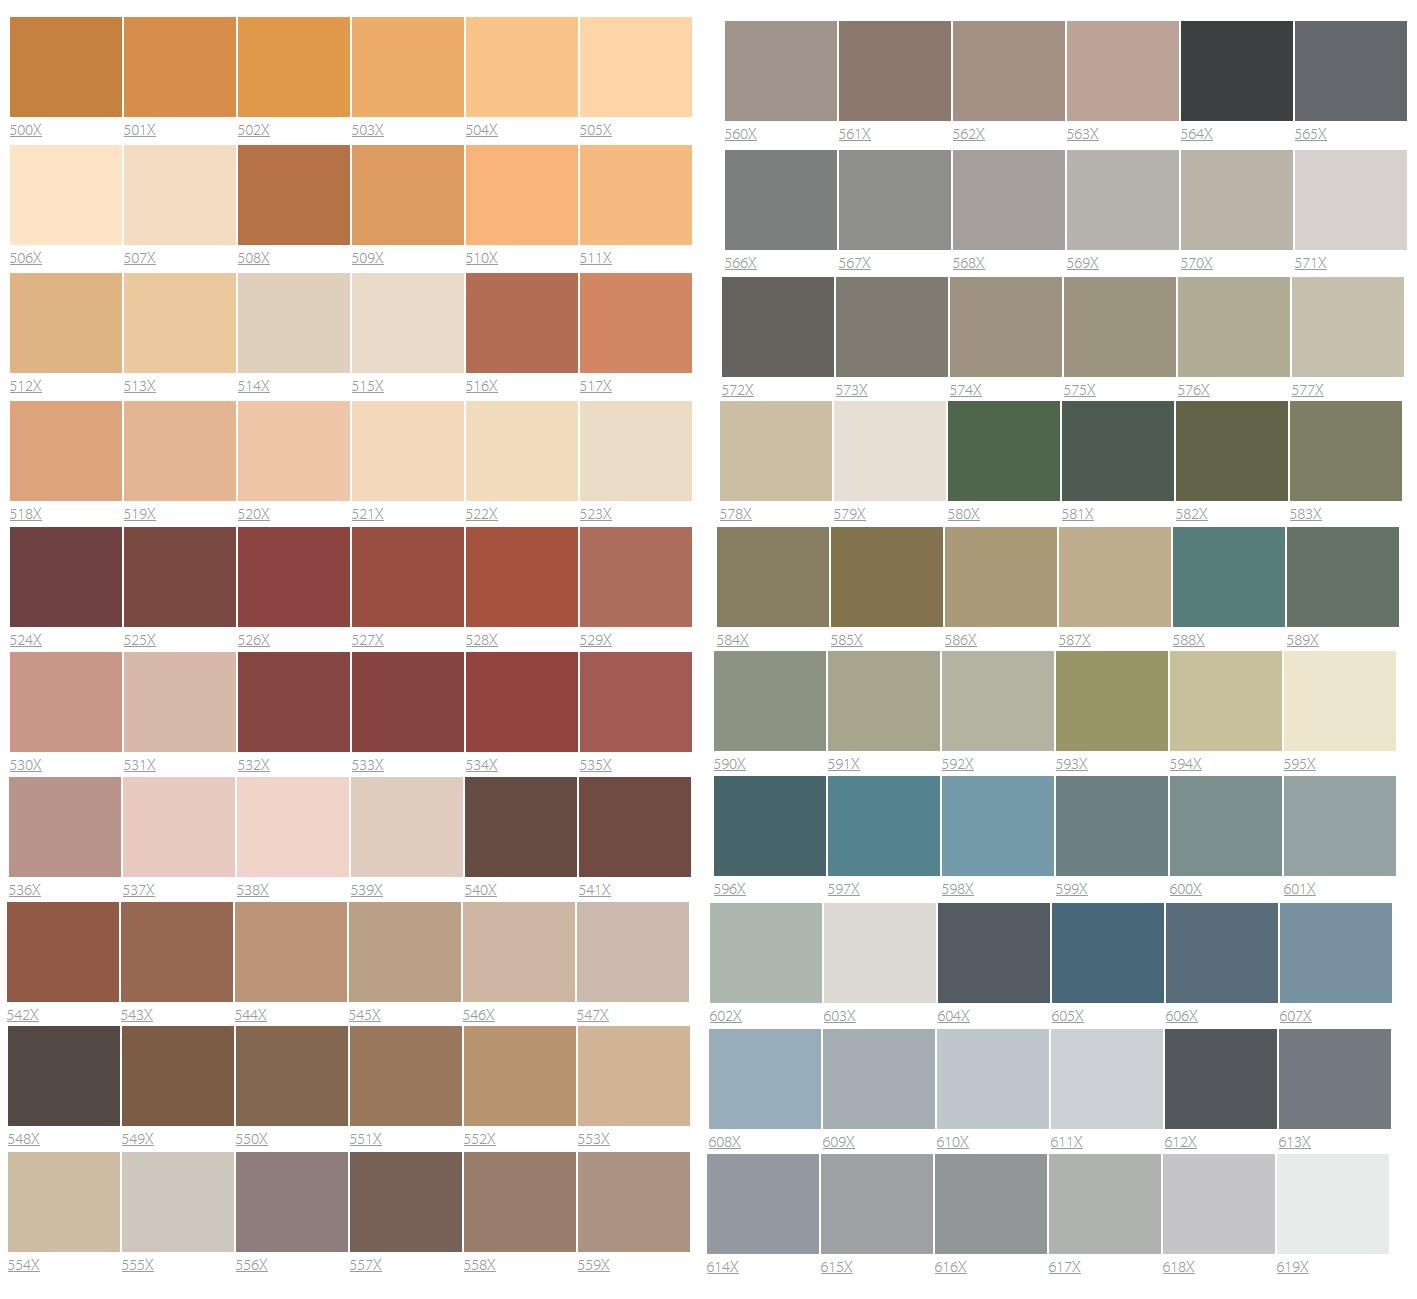 красиво оттенки фасадных красок фото касается выбора